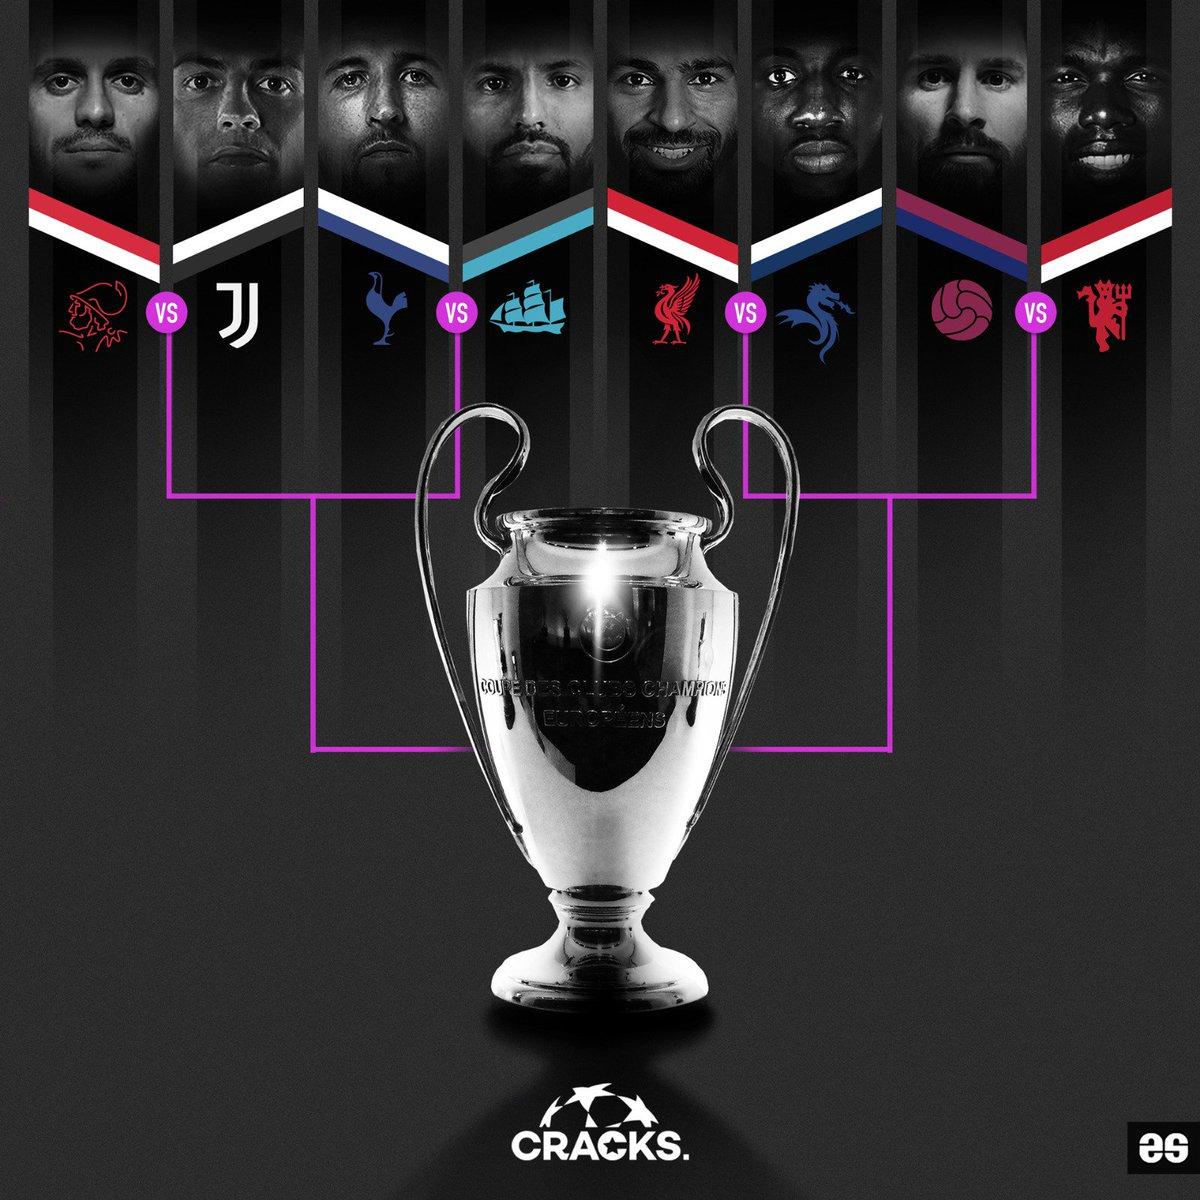 CRACKS's photo on Ajax - Juve